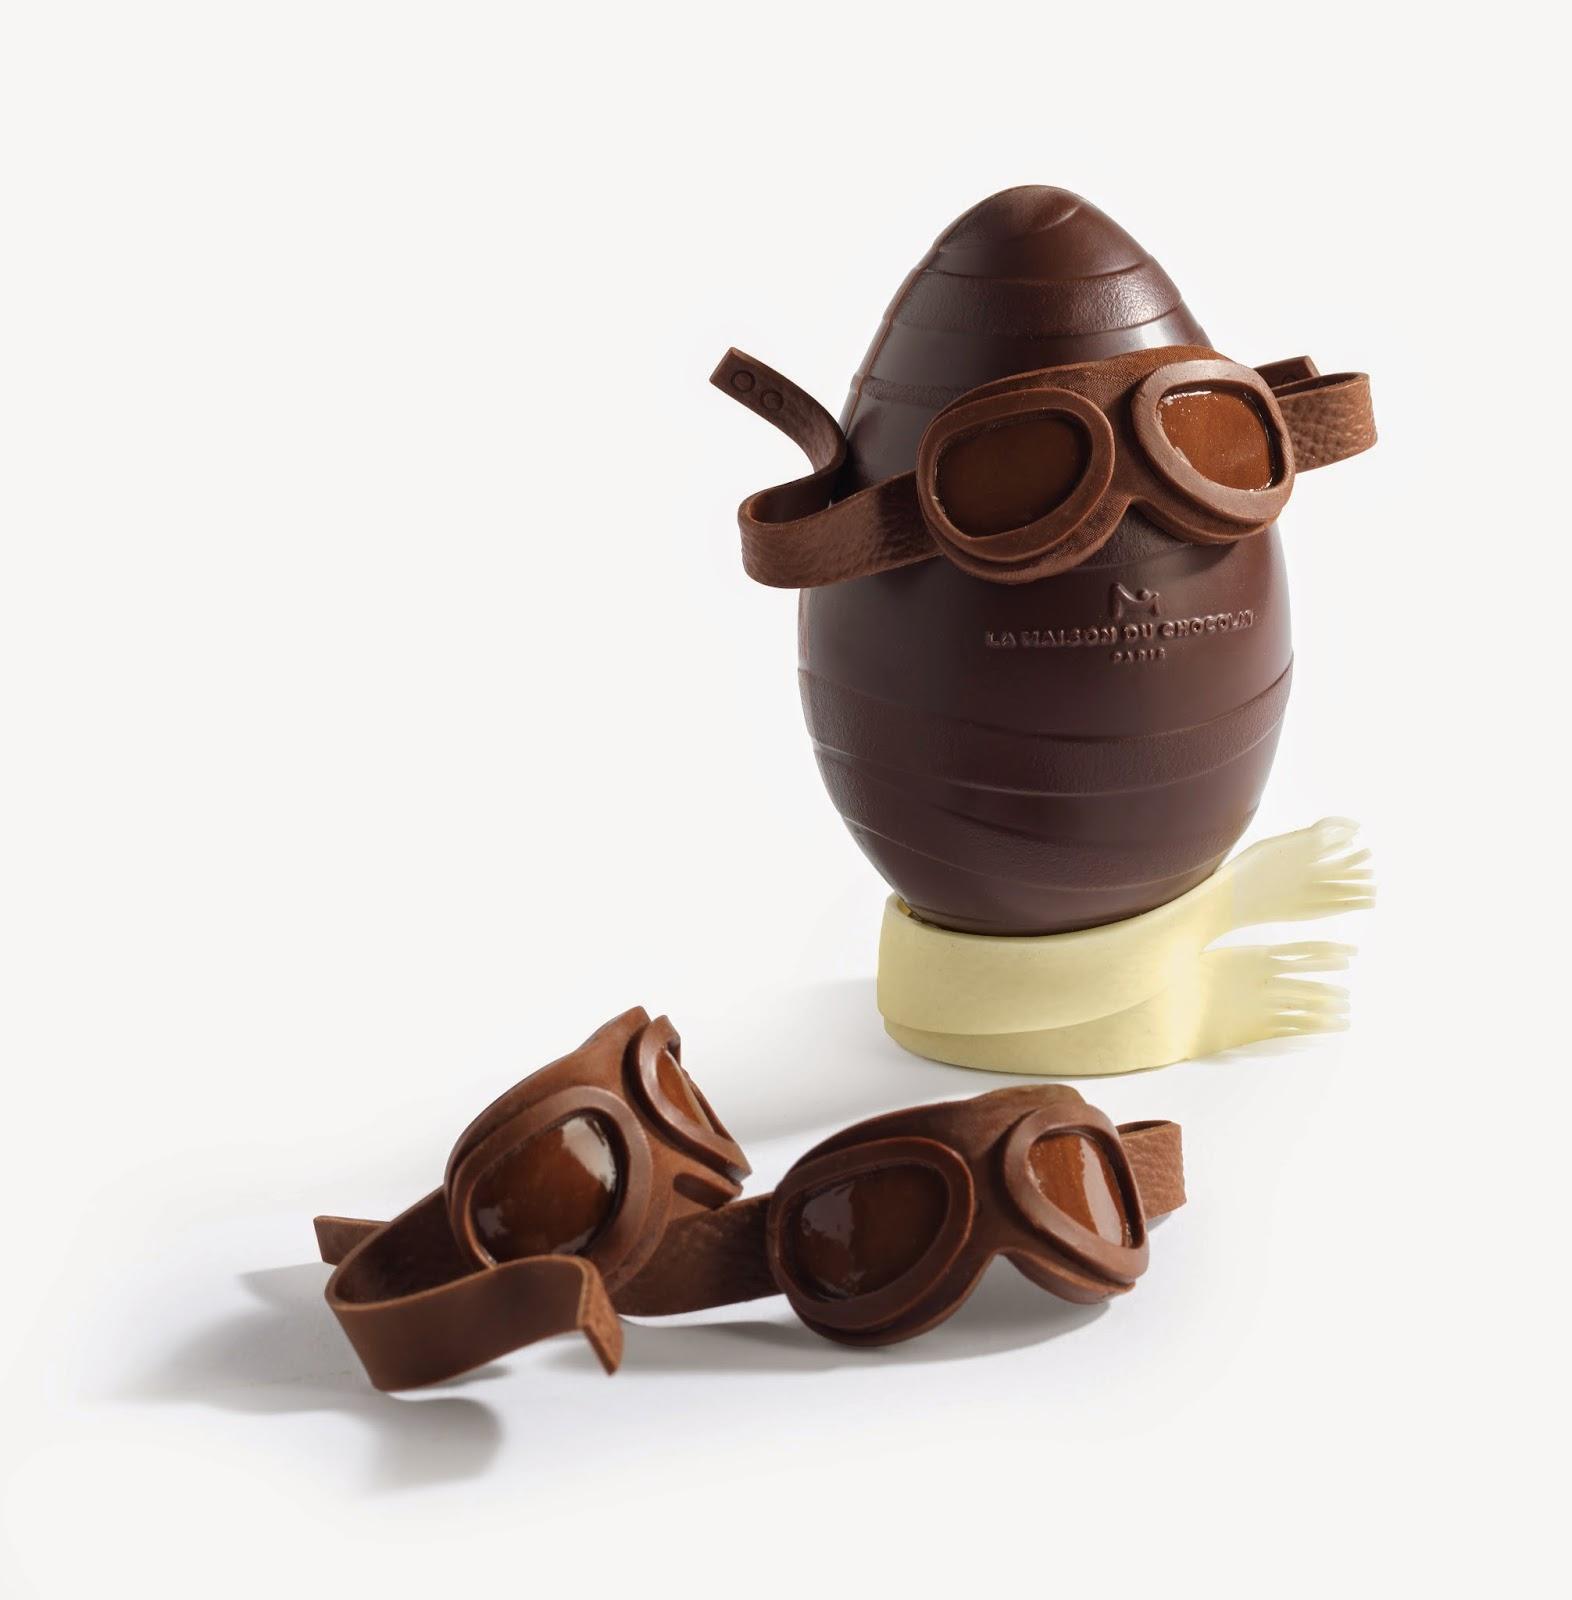 Chaque Anne Les Diffes Maison De Chocolat Recherchent Meilleures Possible La Du With Brest